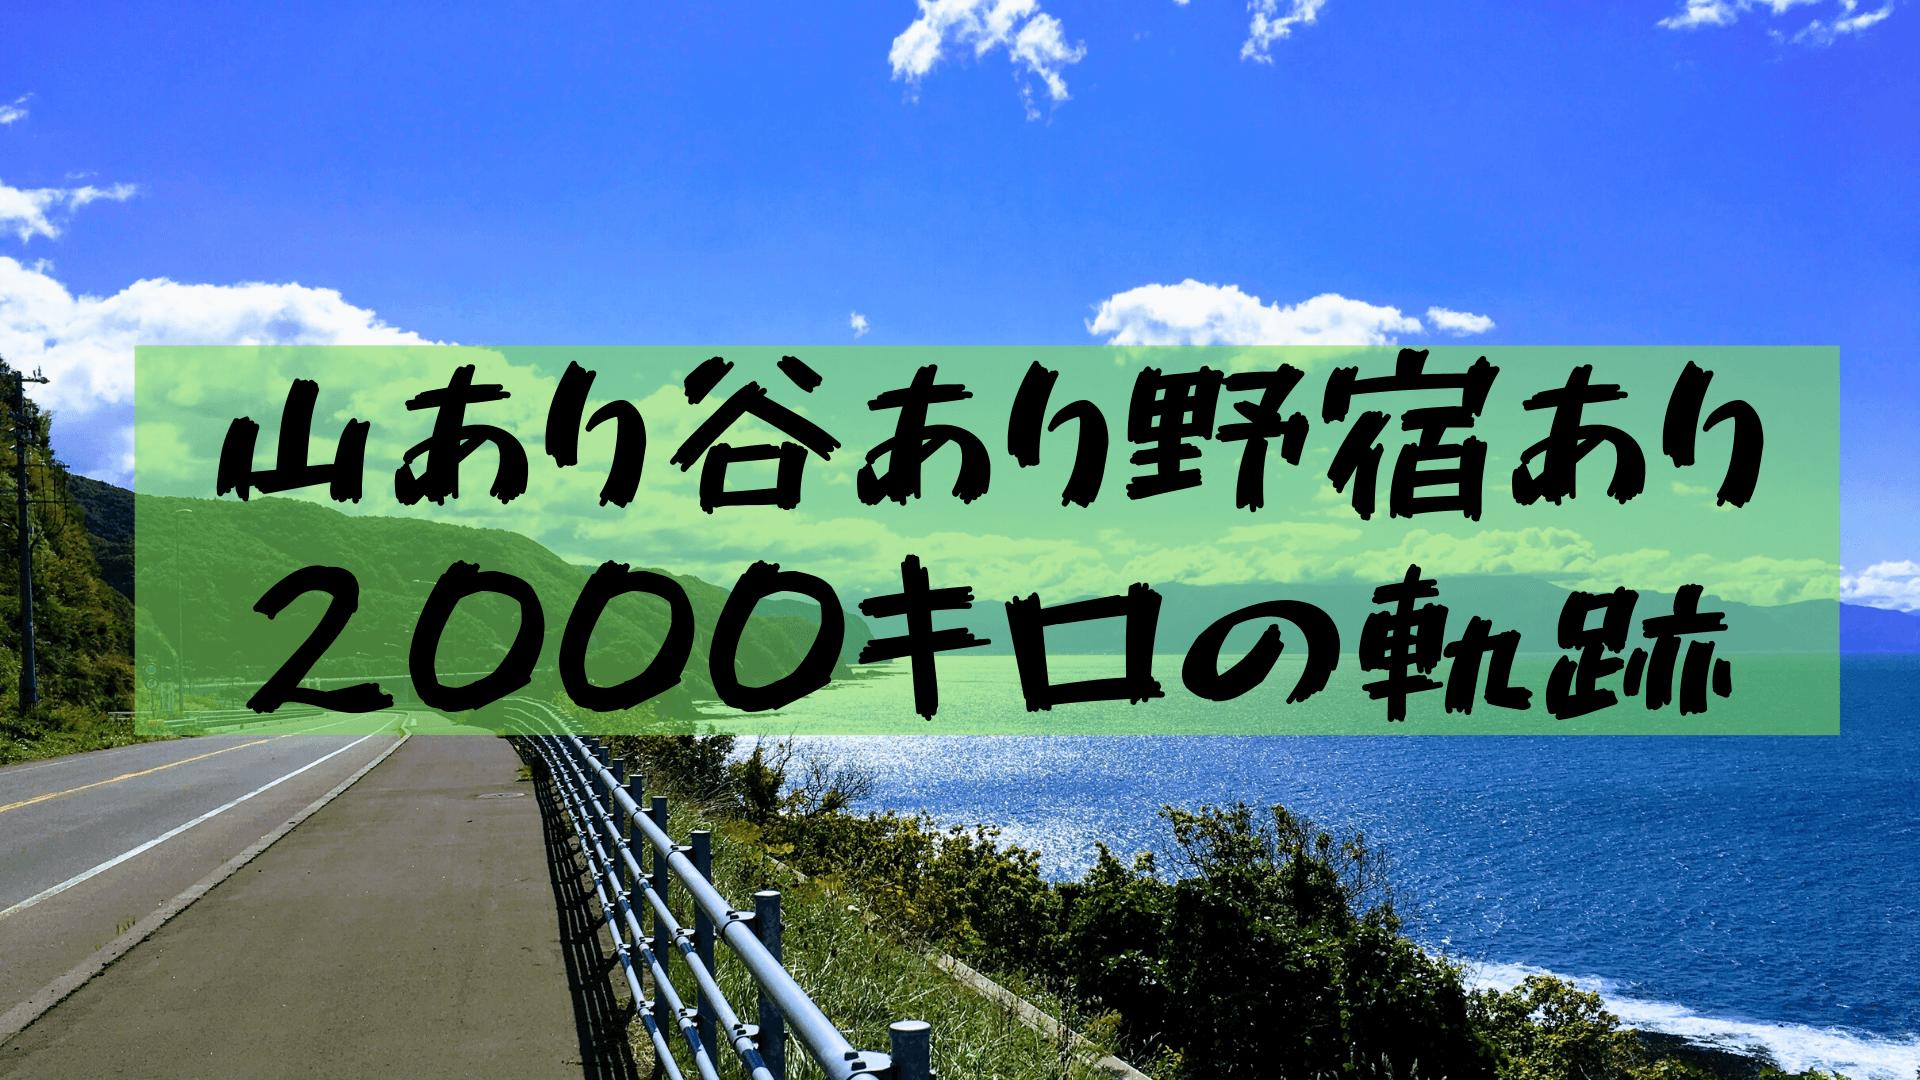 【北海道自転車一周】大学生が1ヶ月で旅行したルートや日程、持ち物を紹介!